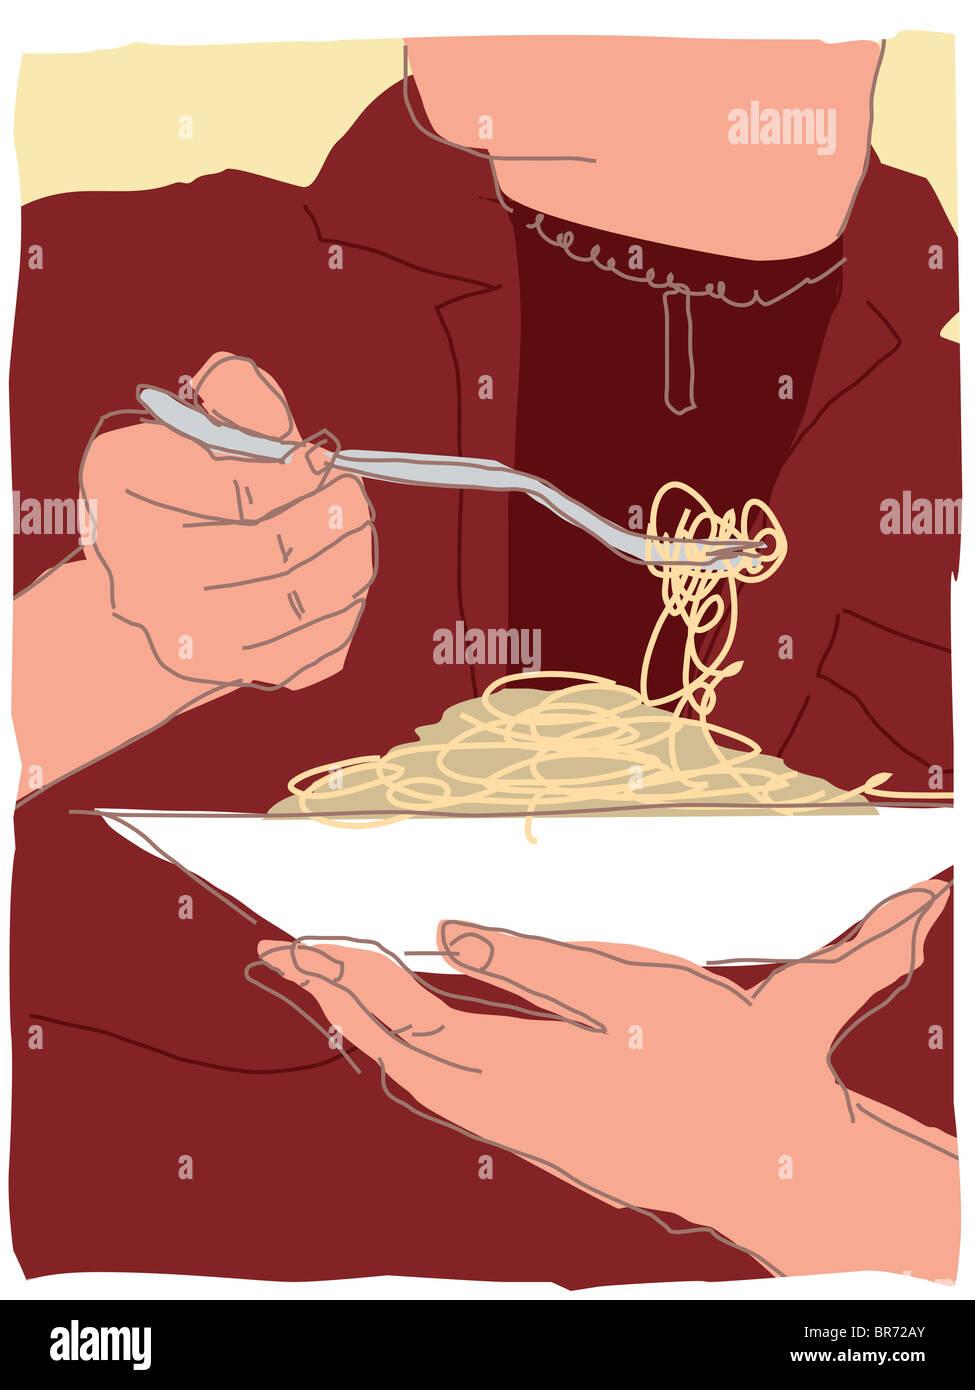 eating pasta - Stock Image